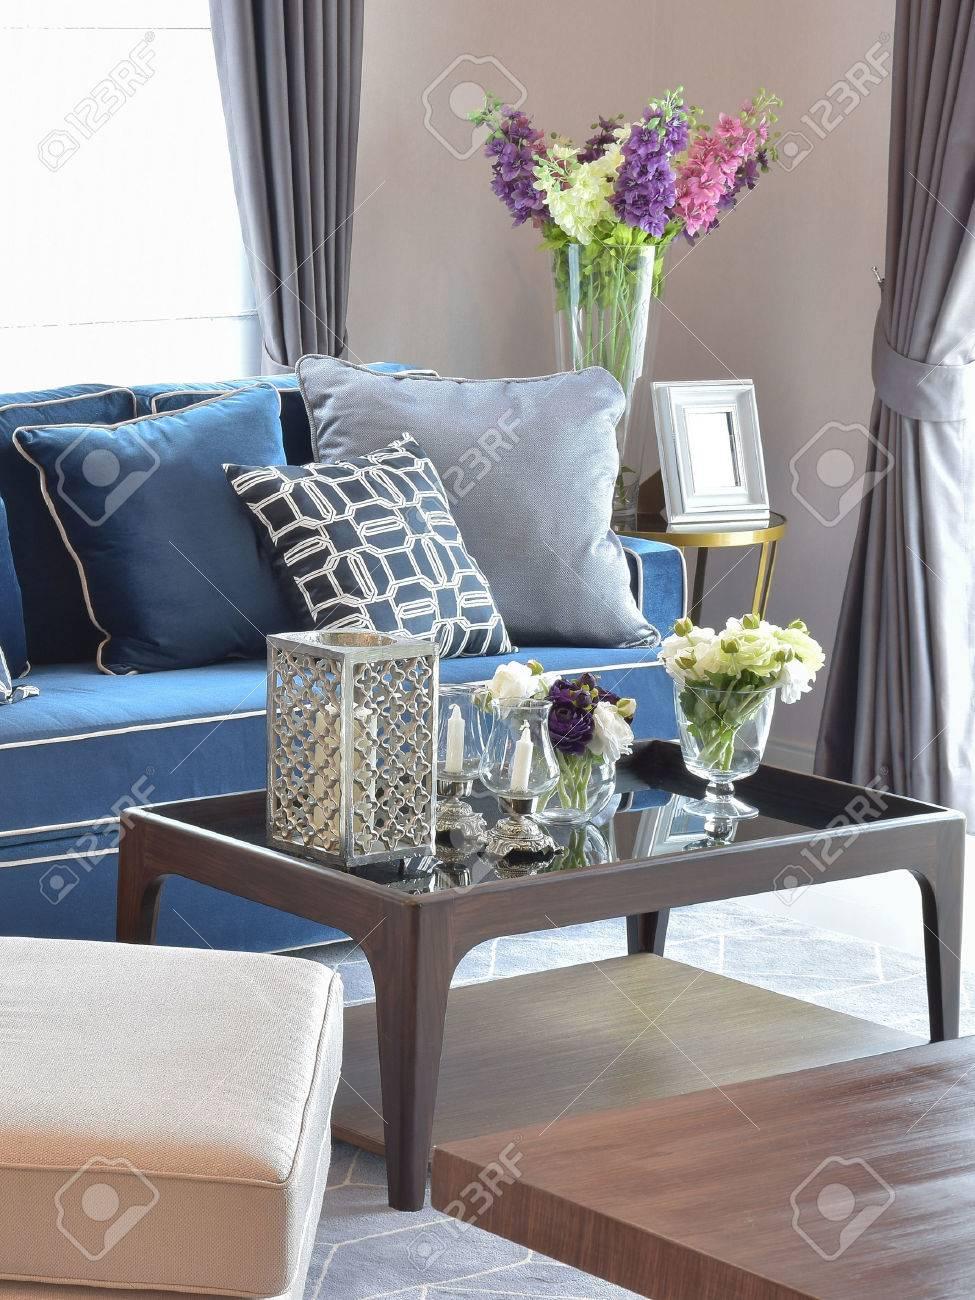 Bougie romantique ensemble avec un canapé classique moderne beige et bleu  chaud salon